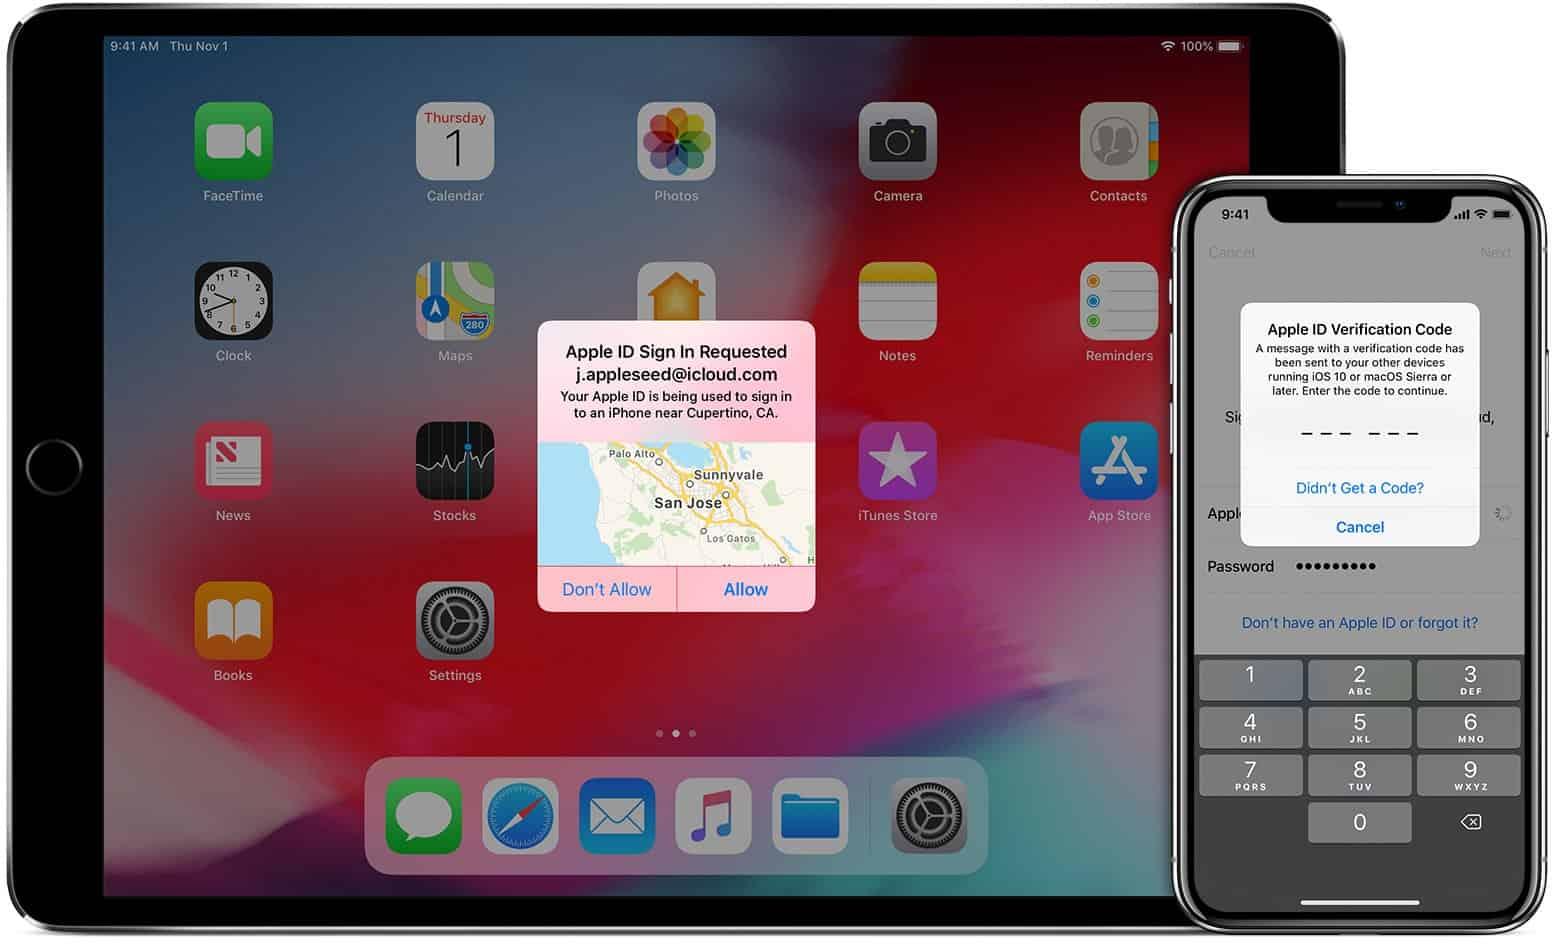 آموزش دو مرحله ای کردن اپل آیدی Two-factor authentication for Apple ID